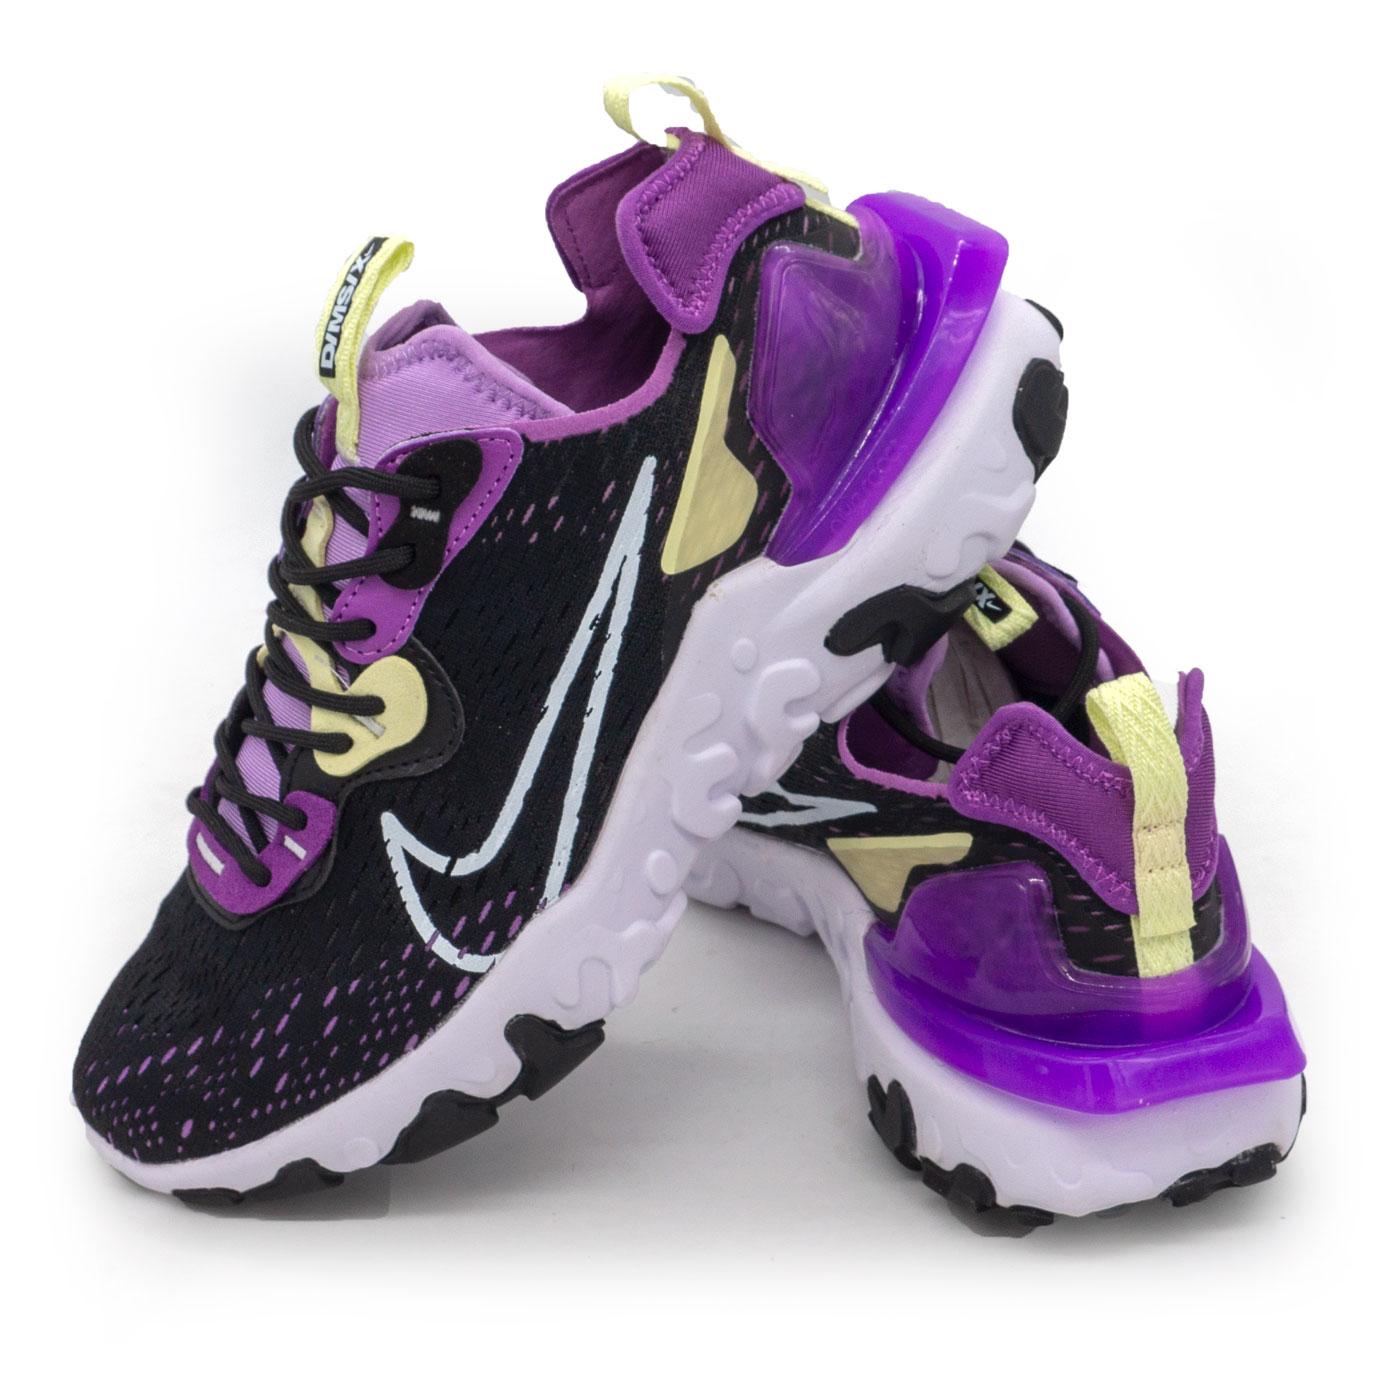 фото main Женские кроссовки Nike React Vision DimSix черные с фиолетовым. Топ качество! main